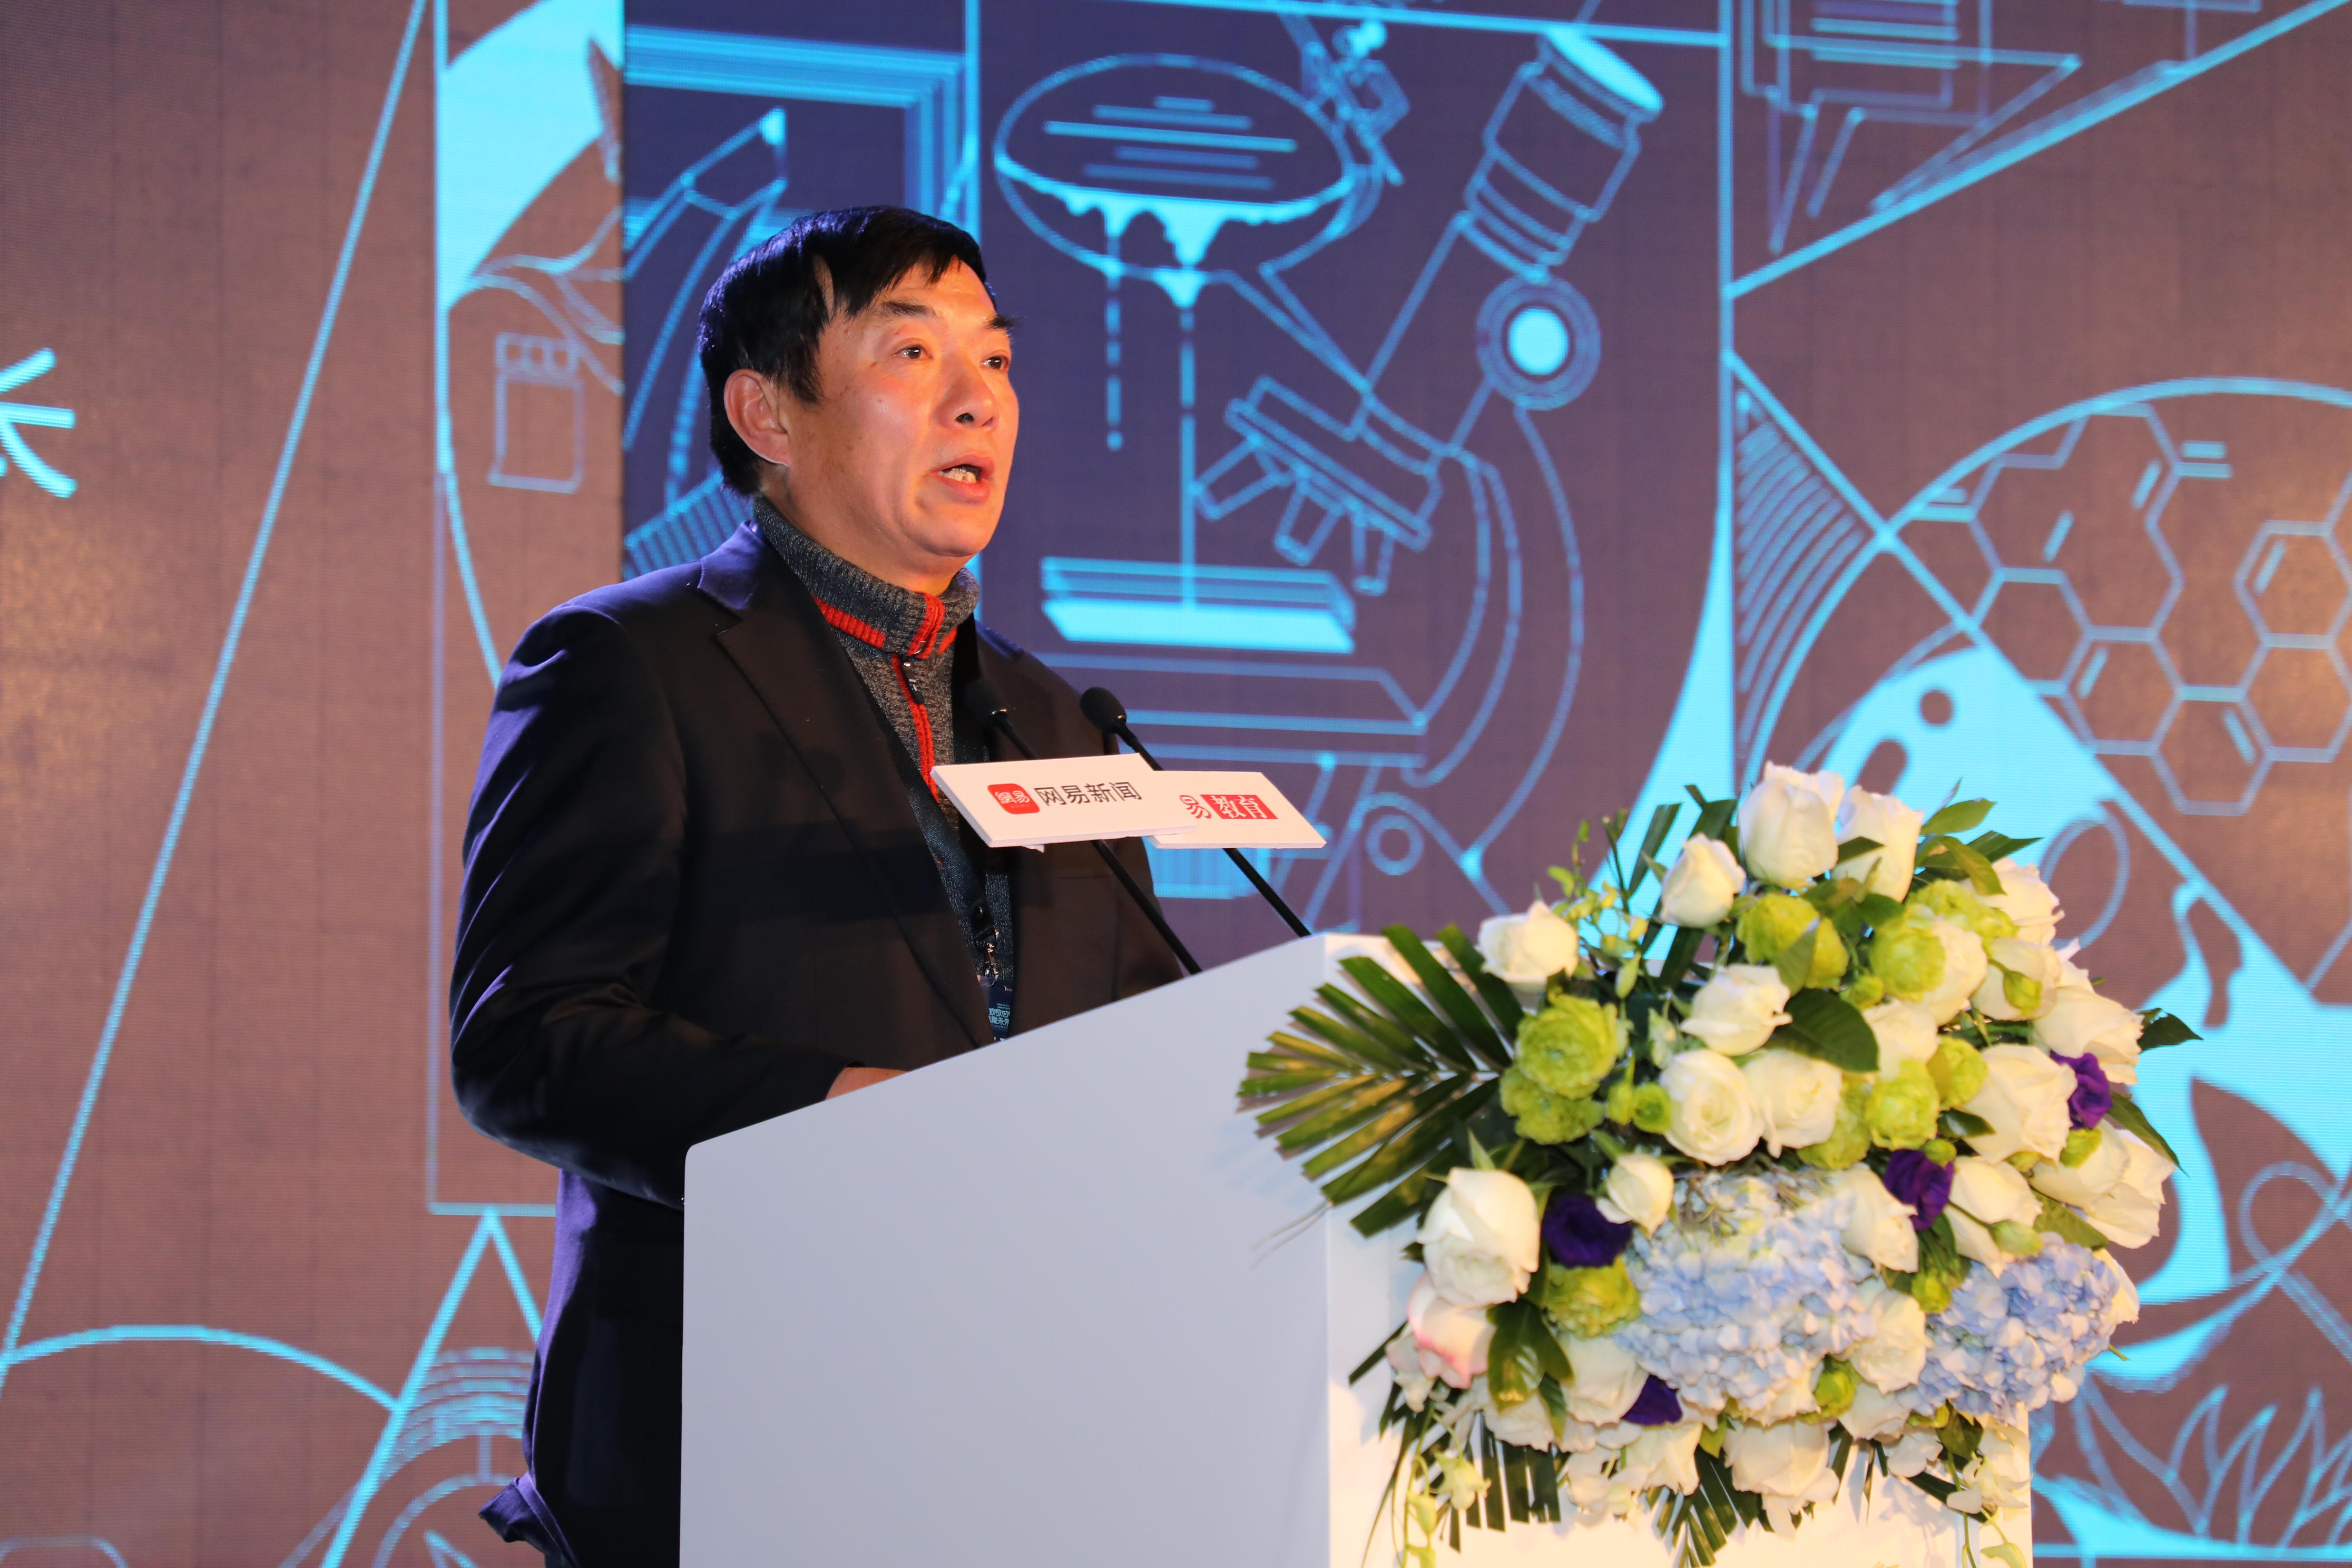 刘长铭:未来学校需要融合力+体验力兼具的老师